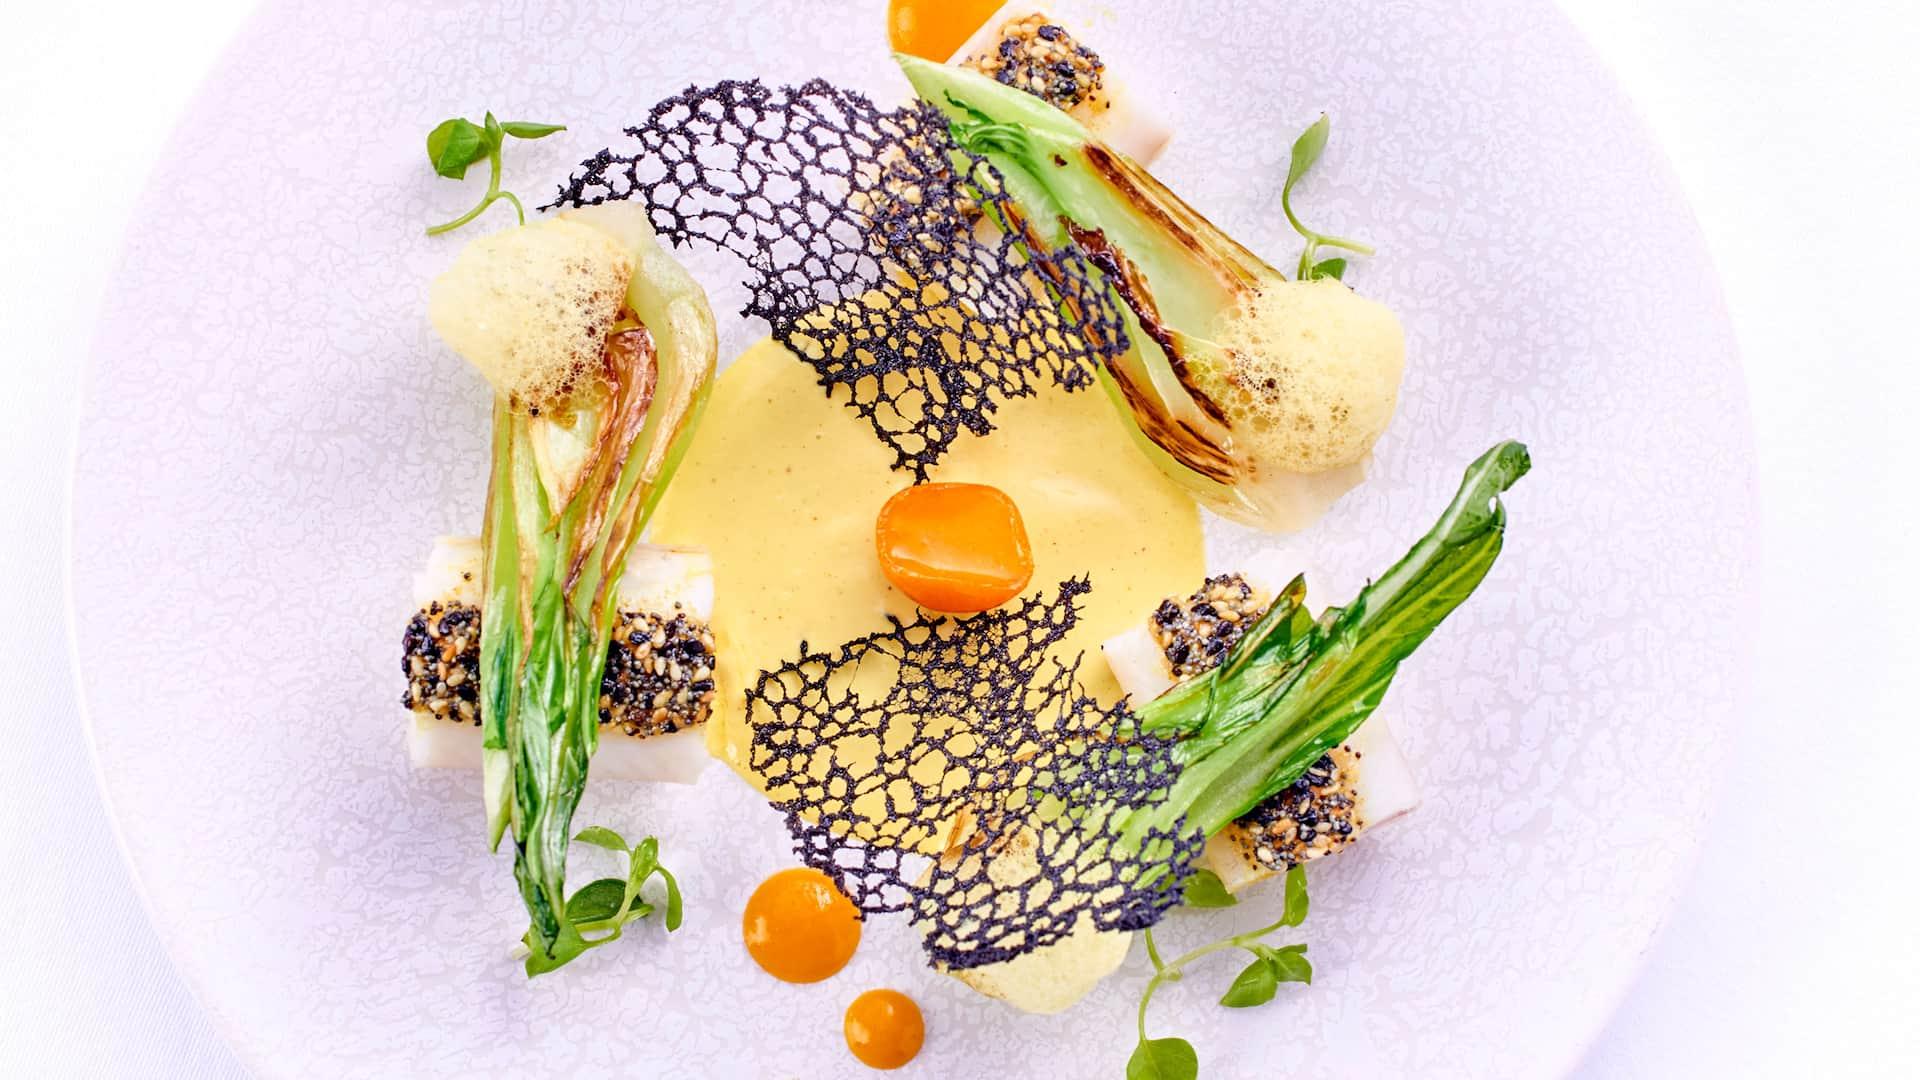 Sole by Chef Jean-Francois Rouquette at Pur' gastronomic Restaurant - Hotel Park Hyatt Paris-Vendôme